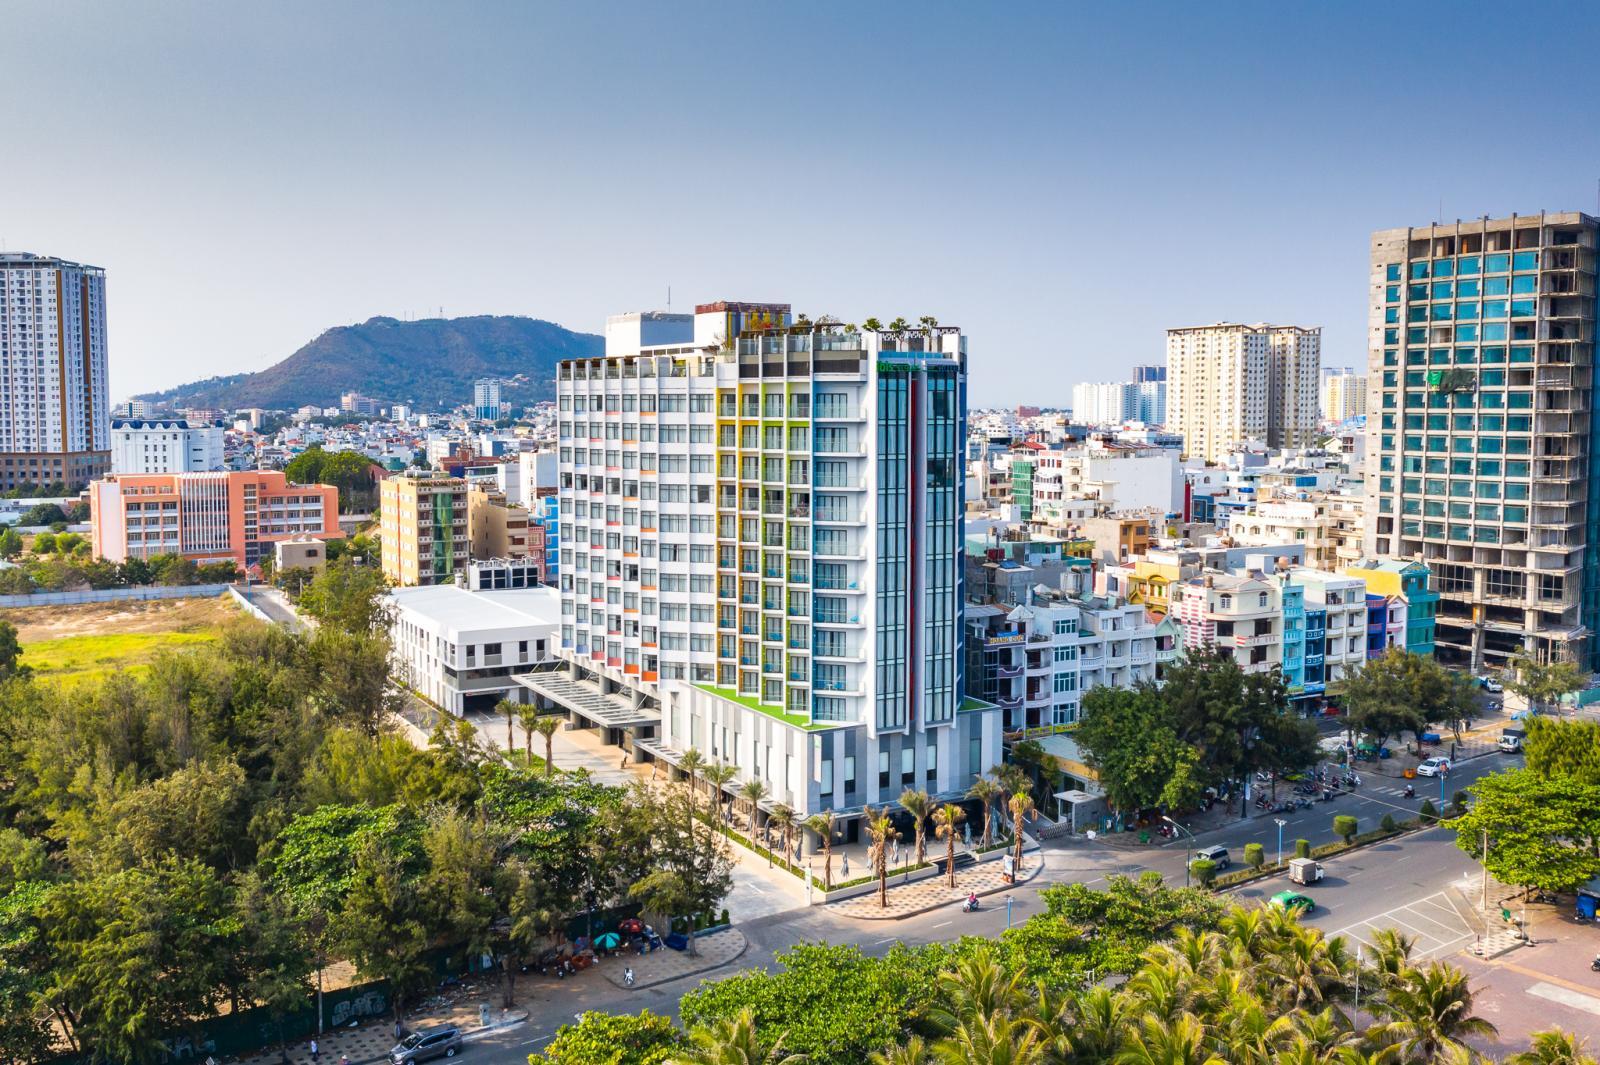 Một khu khách sạn du lịch nghỉ dưỡng ở Vũng Tàu